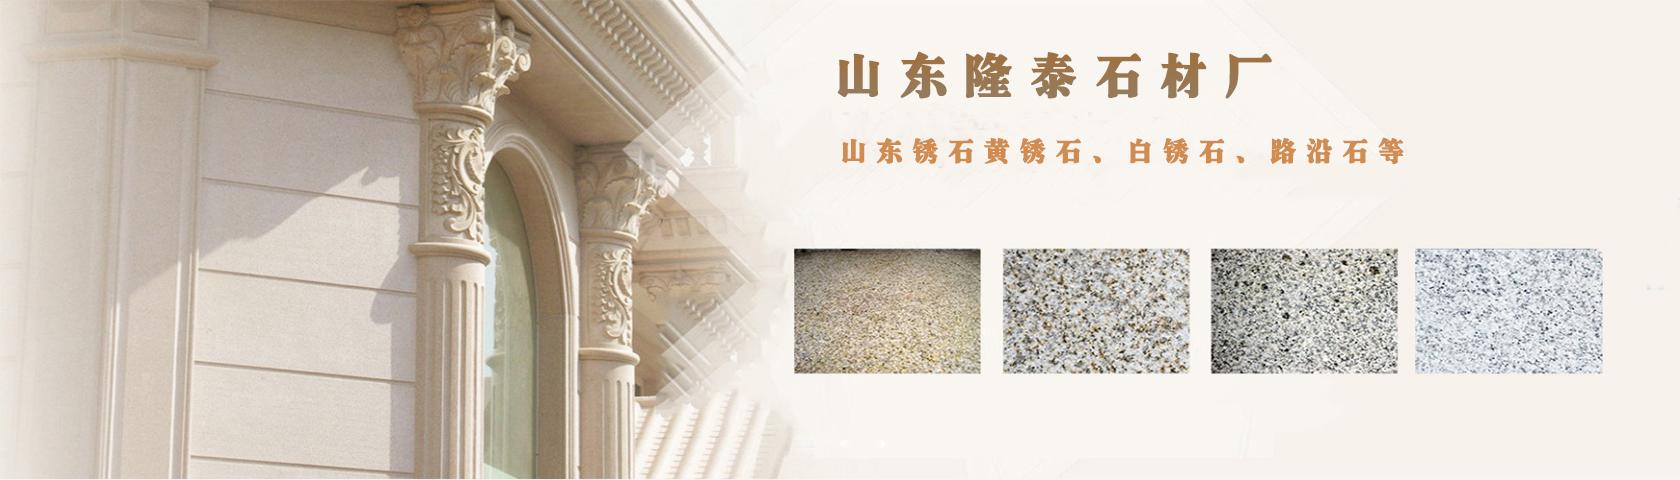 黄锈石加工厂